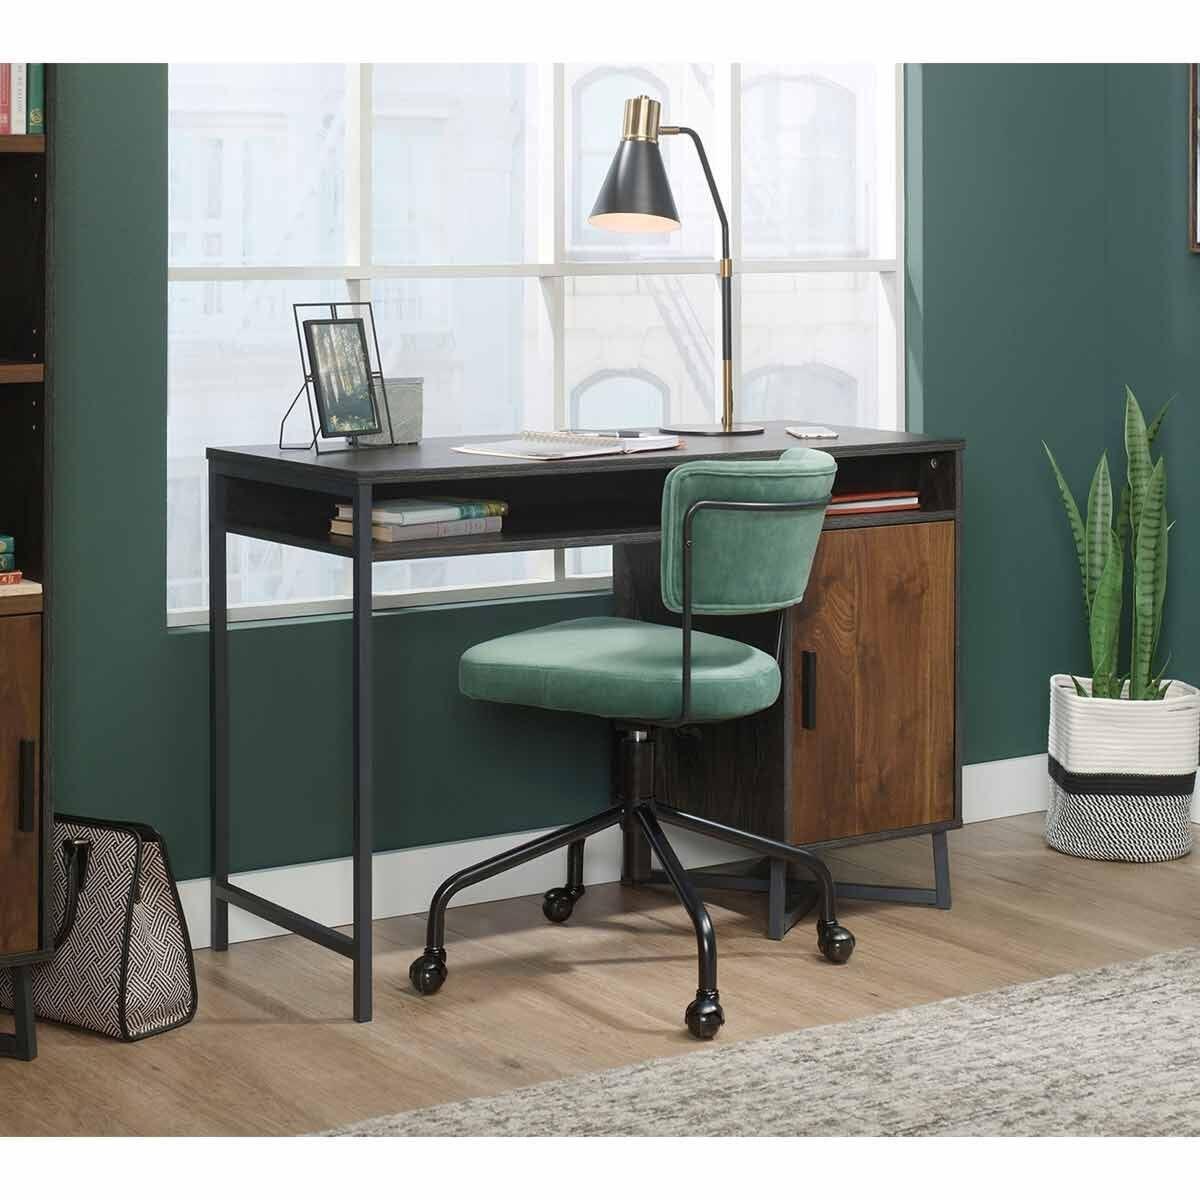 Teknik Canyon Lane Home Study Desk